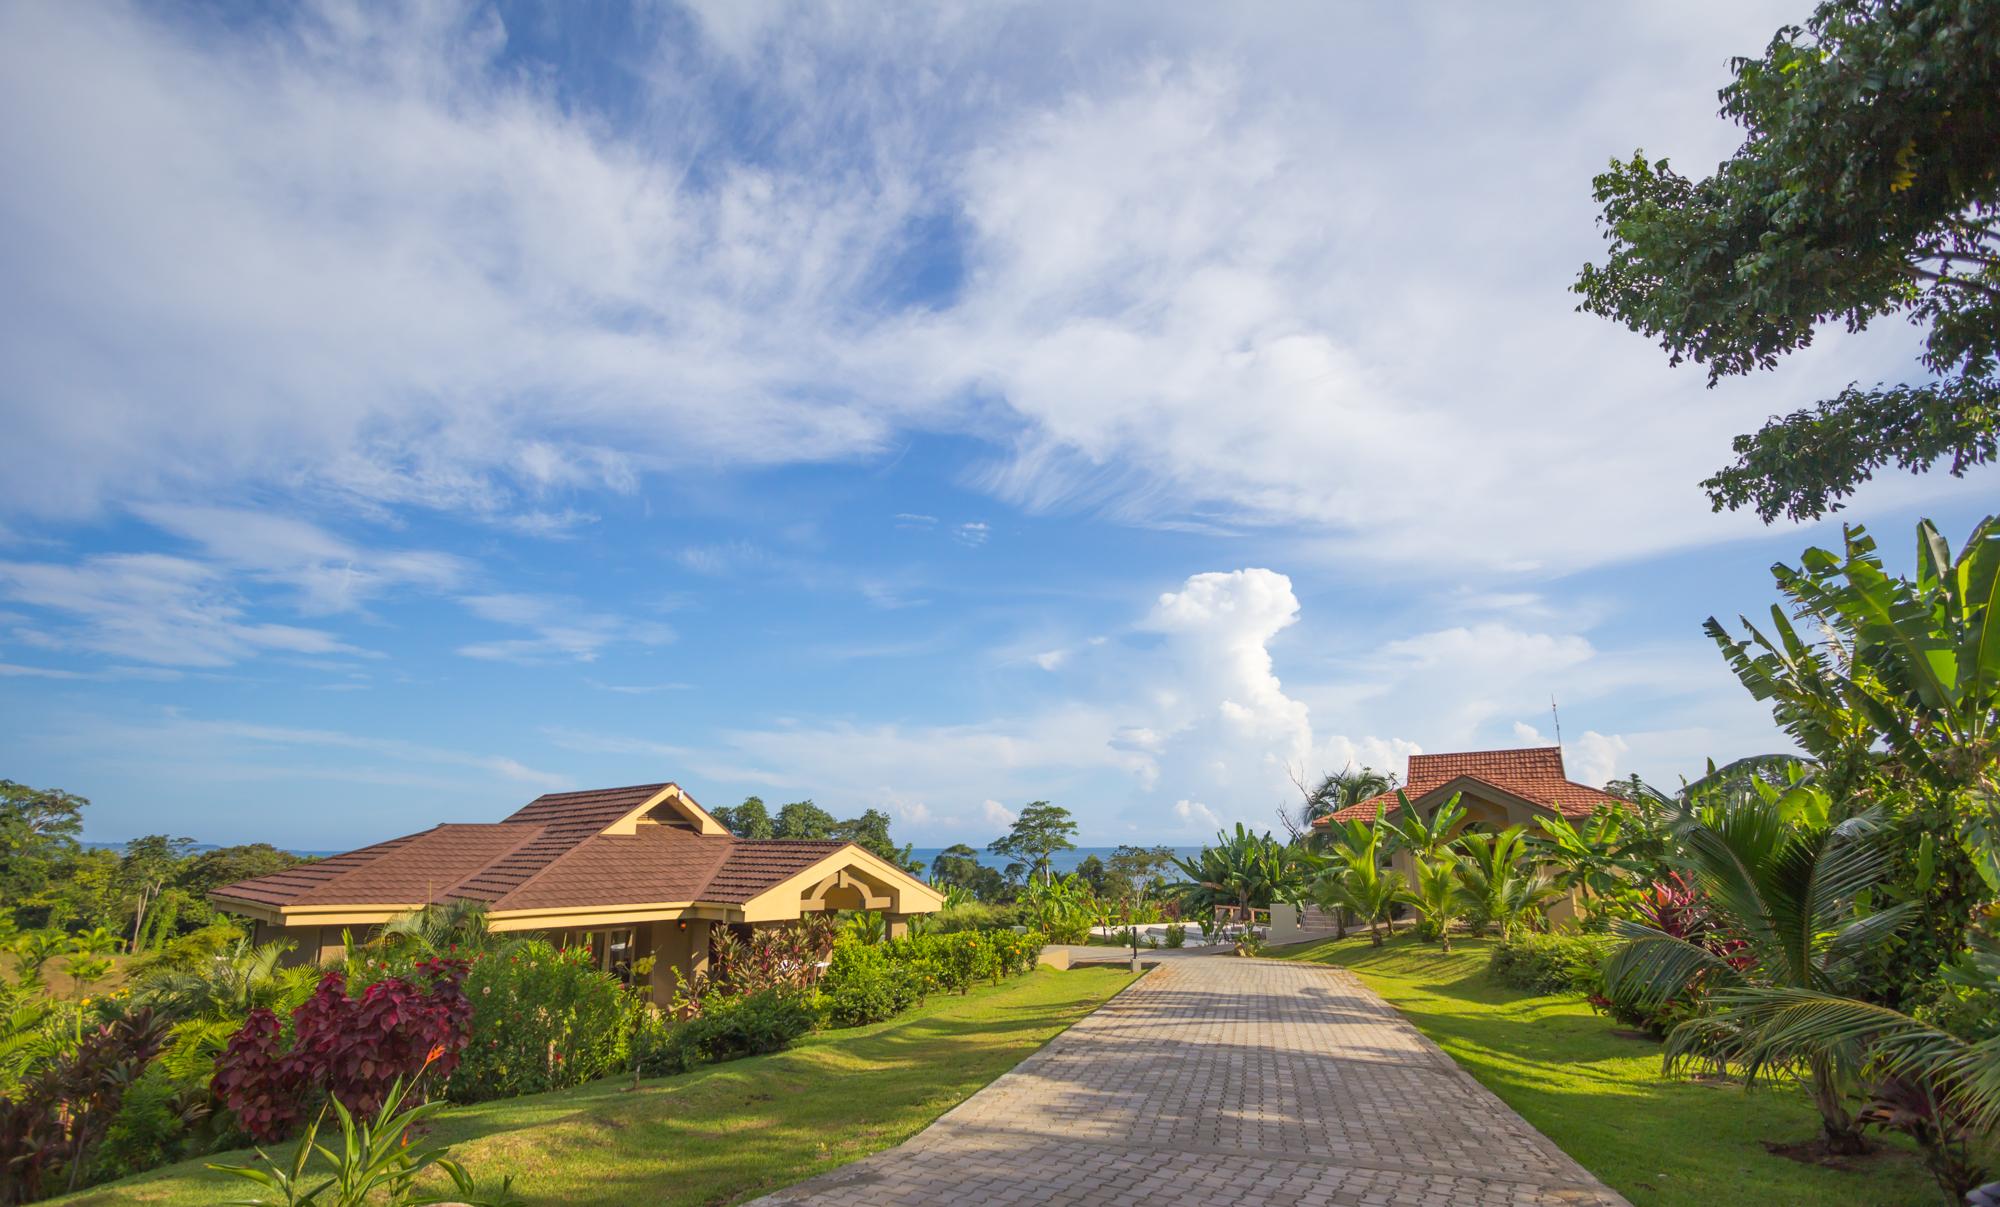 Red Frog Beach - Villas in Morning.jpg